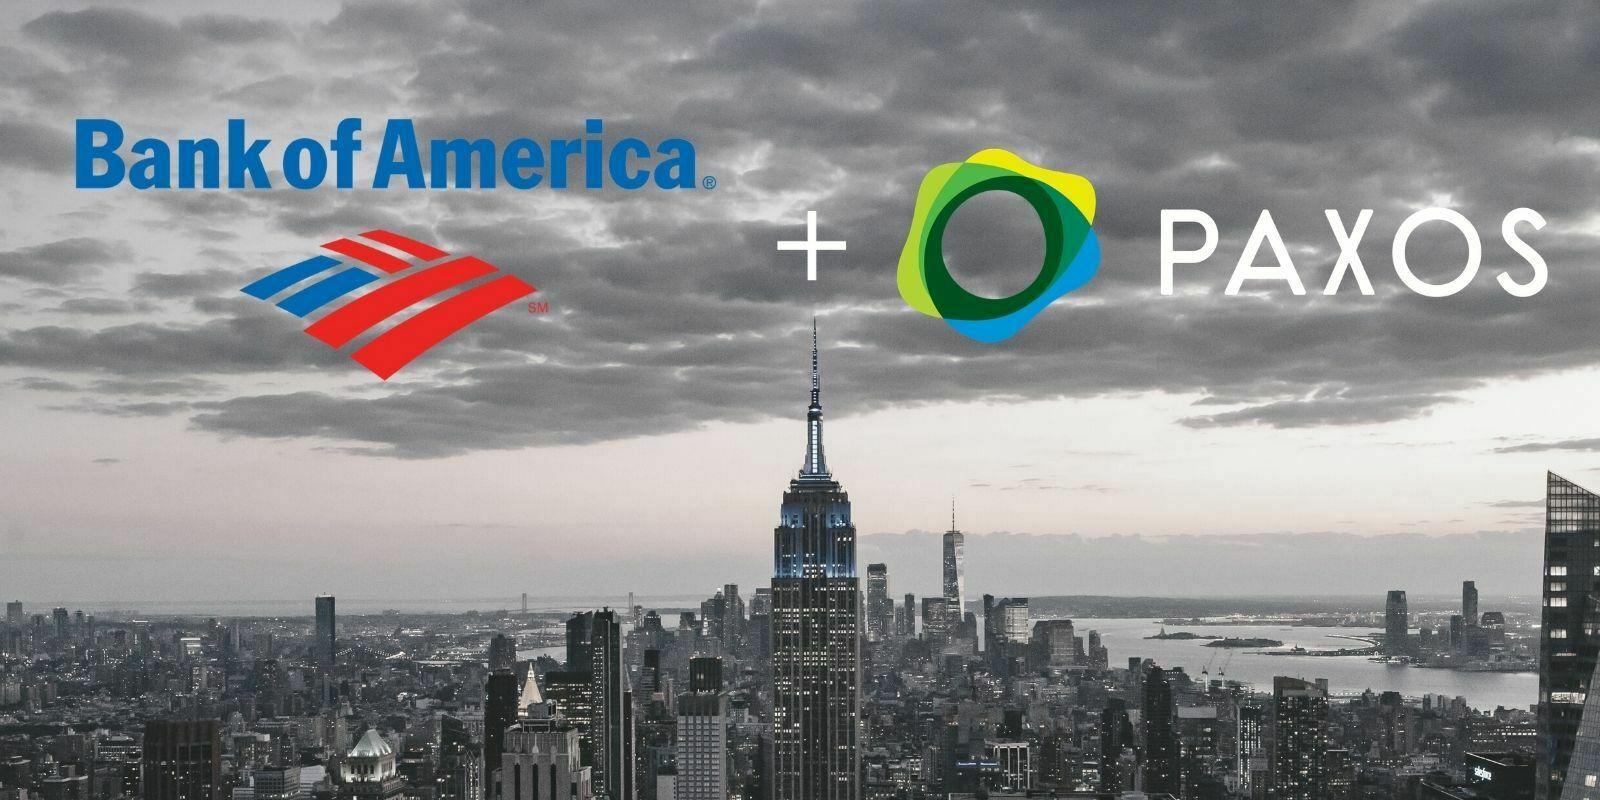 Paxos collabore avec Bank of America pour un règlement transactionnel « T+0 »